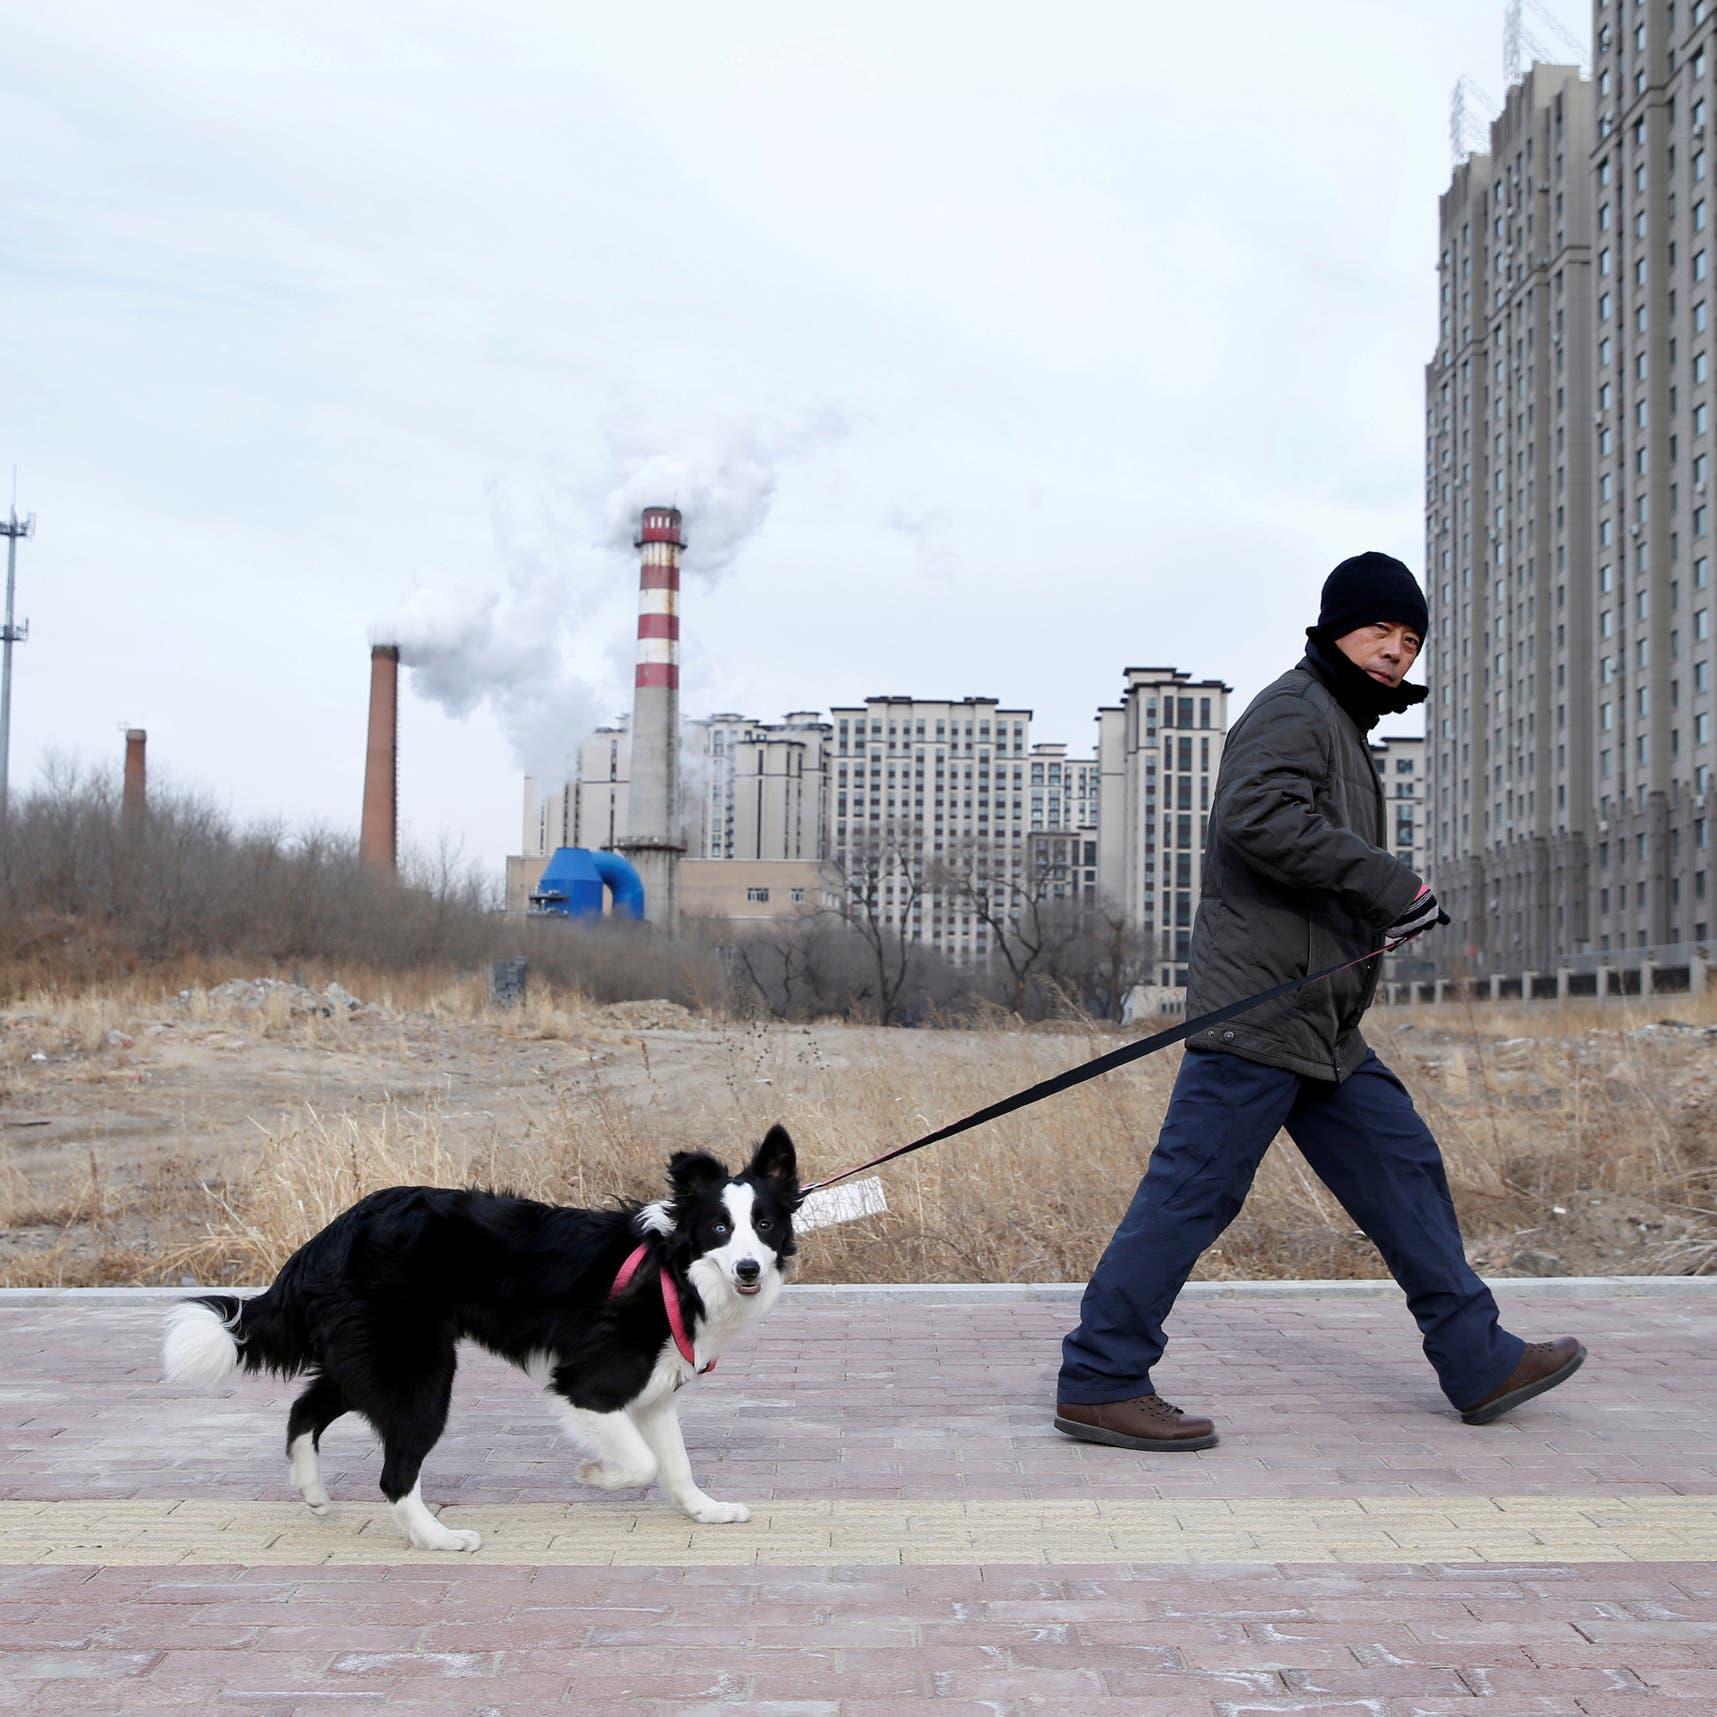 قلق شمال شرق الصين.. الفيروس يتصرف بشكل مختلف